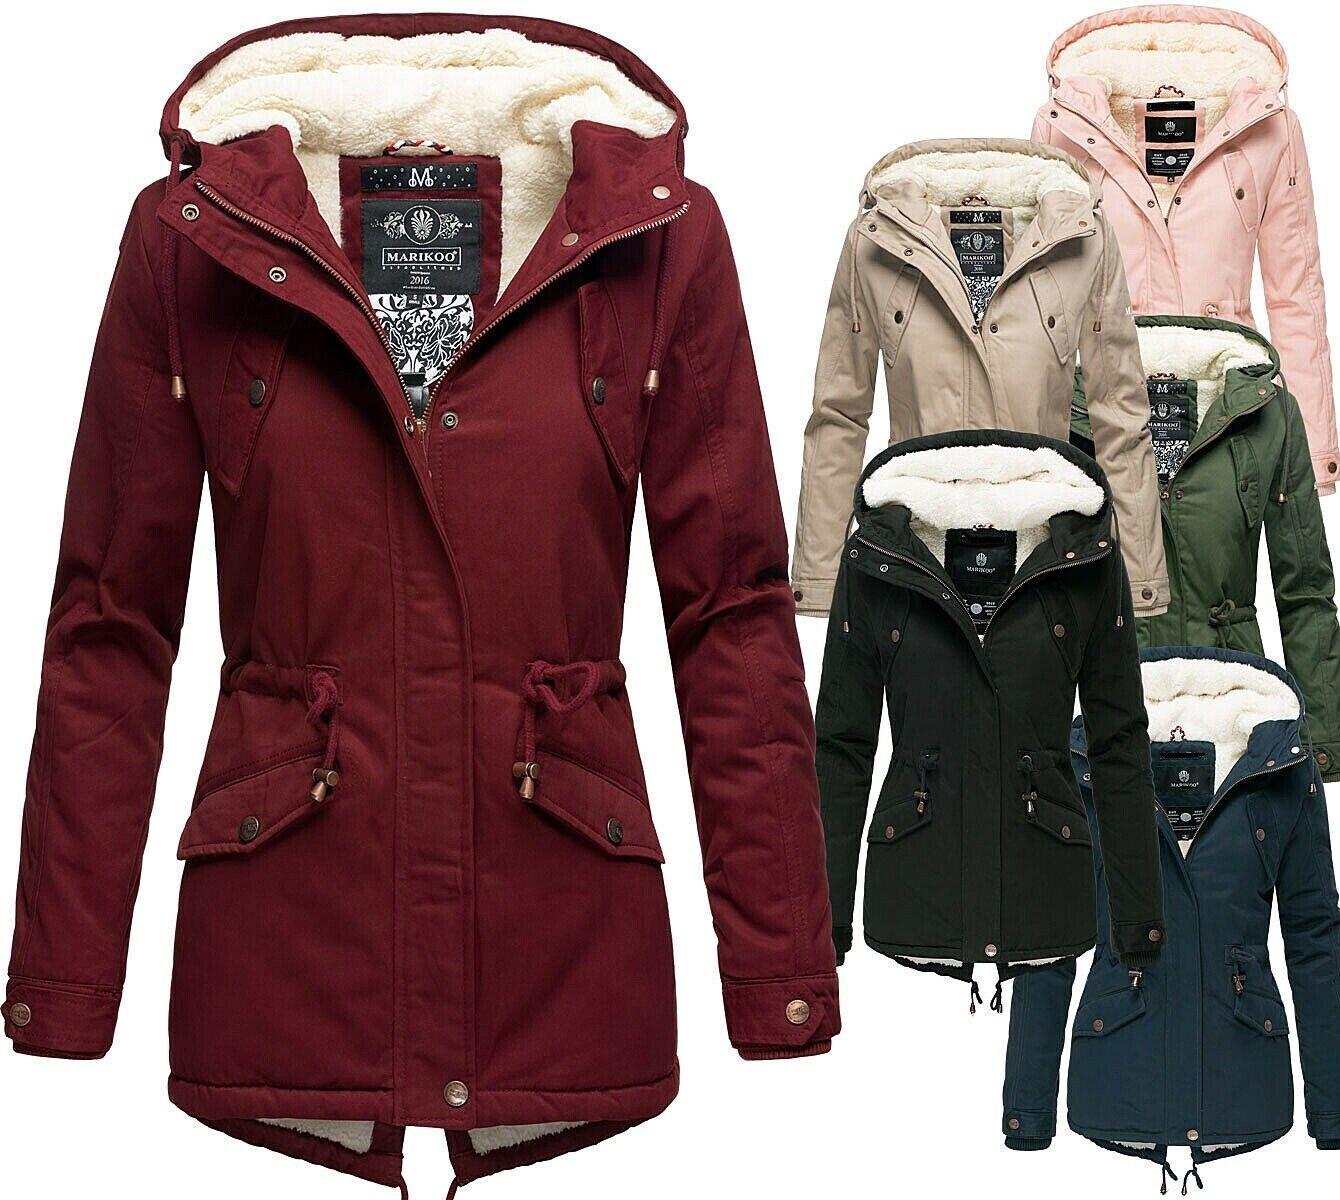 Marikoo Damen Jacke Vergleich Test +++ Marikoo Damen Jacke